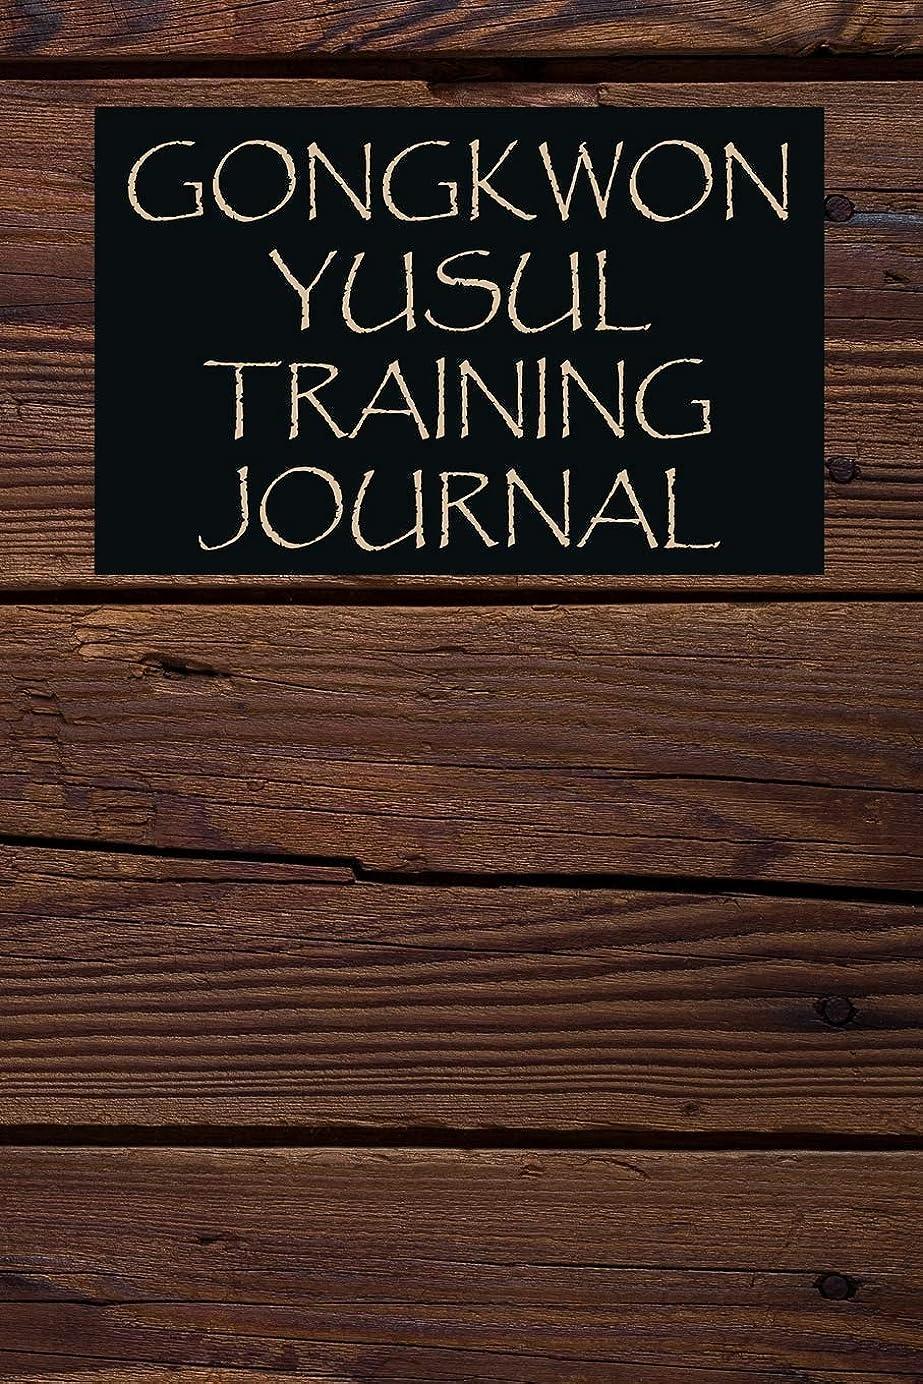 ハンサムプレビュー物足りないGongkwon Yusul Training Journal: Gongkwon Yusul Journal for training session notes